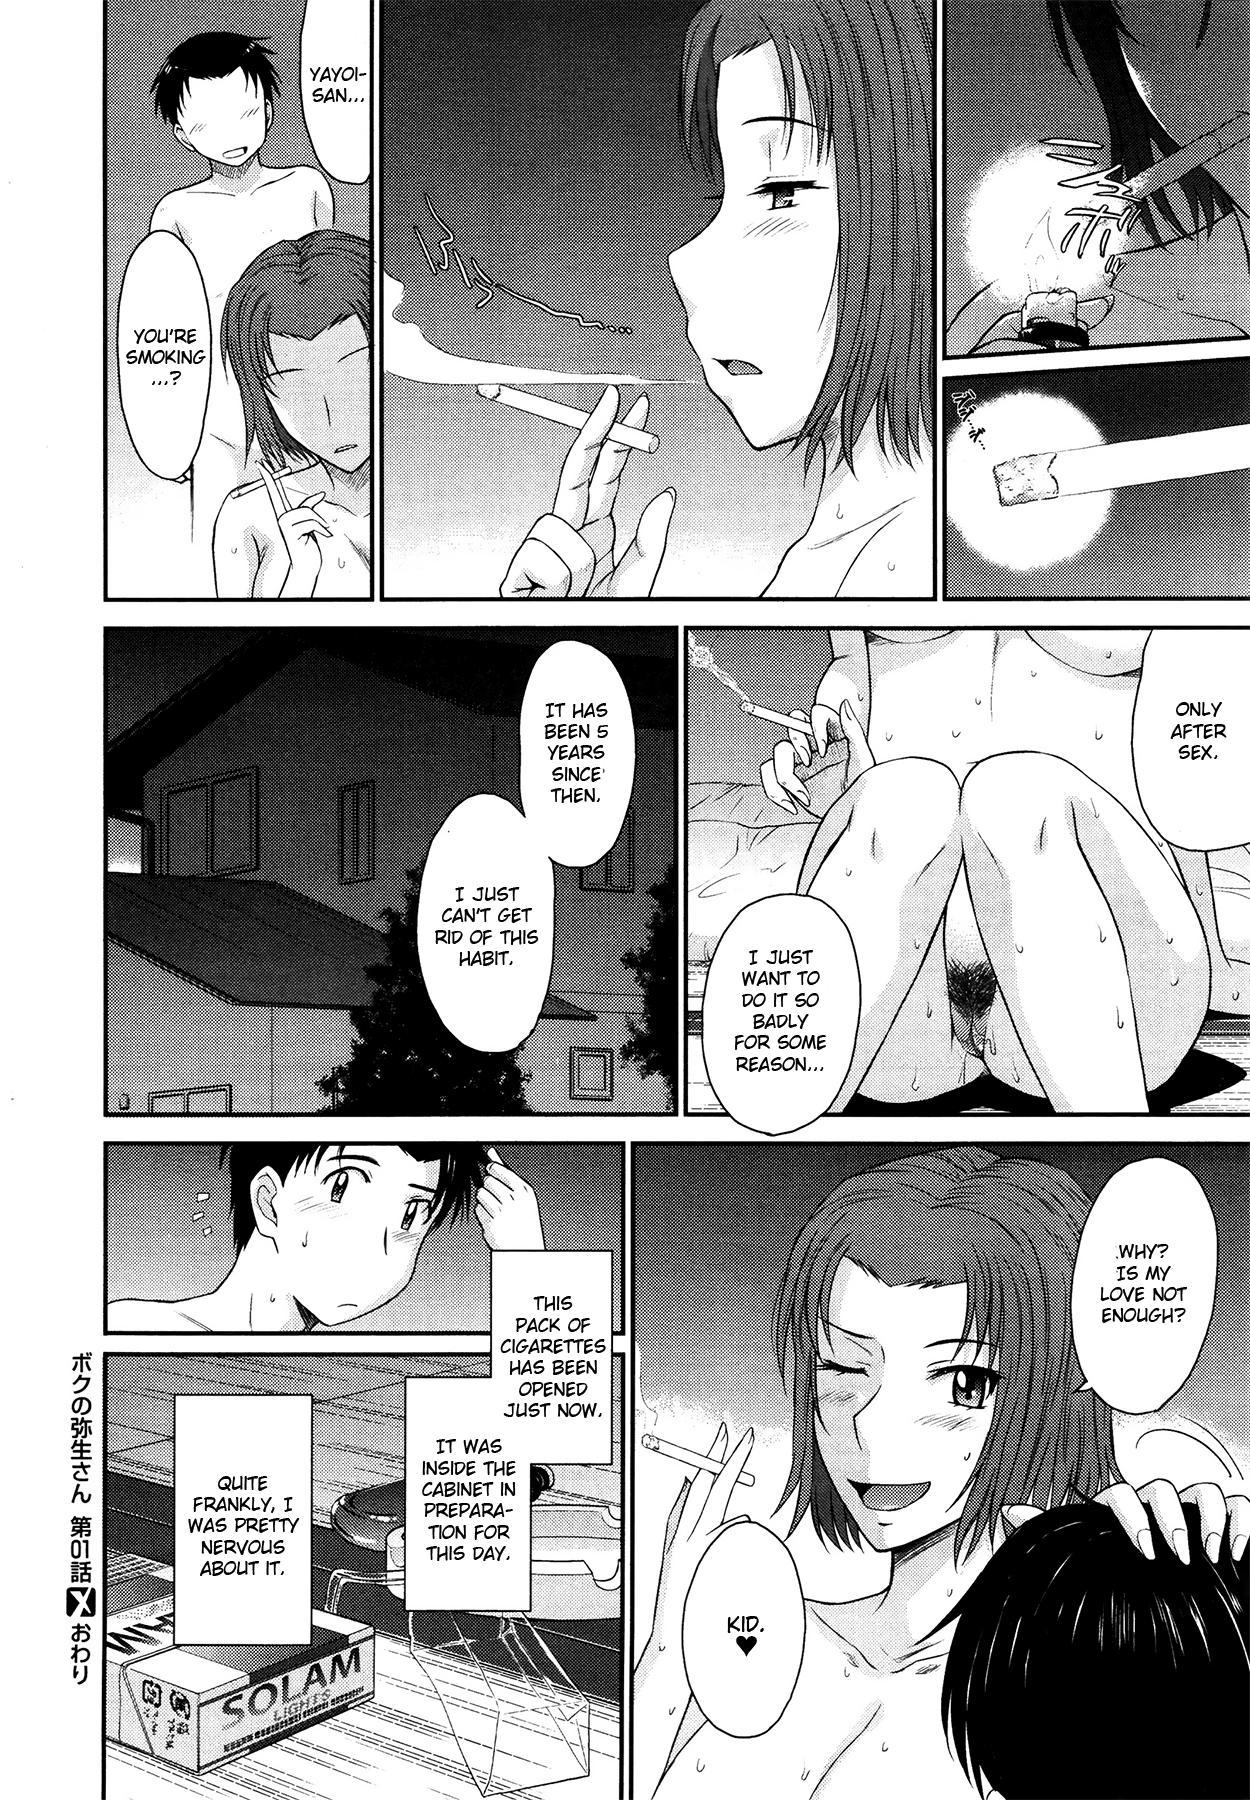 [Tsukino Jyogi] Boku no Yayoi-san ch.1-4 [English] =Krizalid= 23